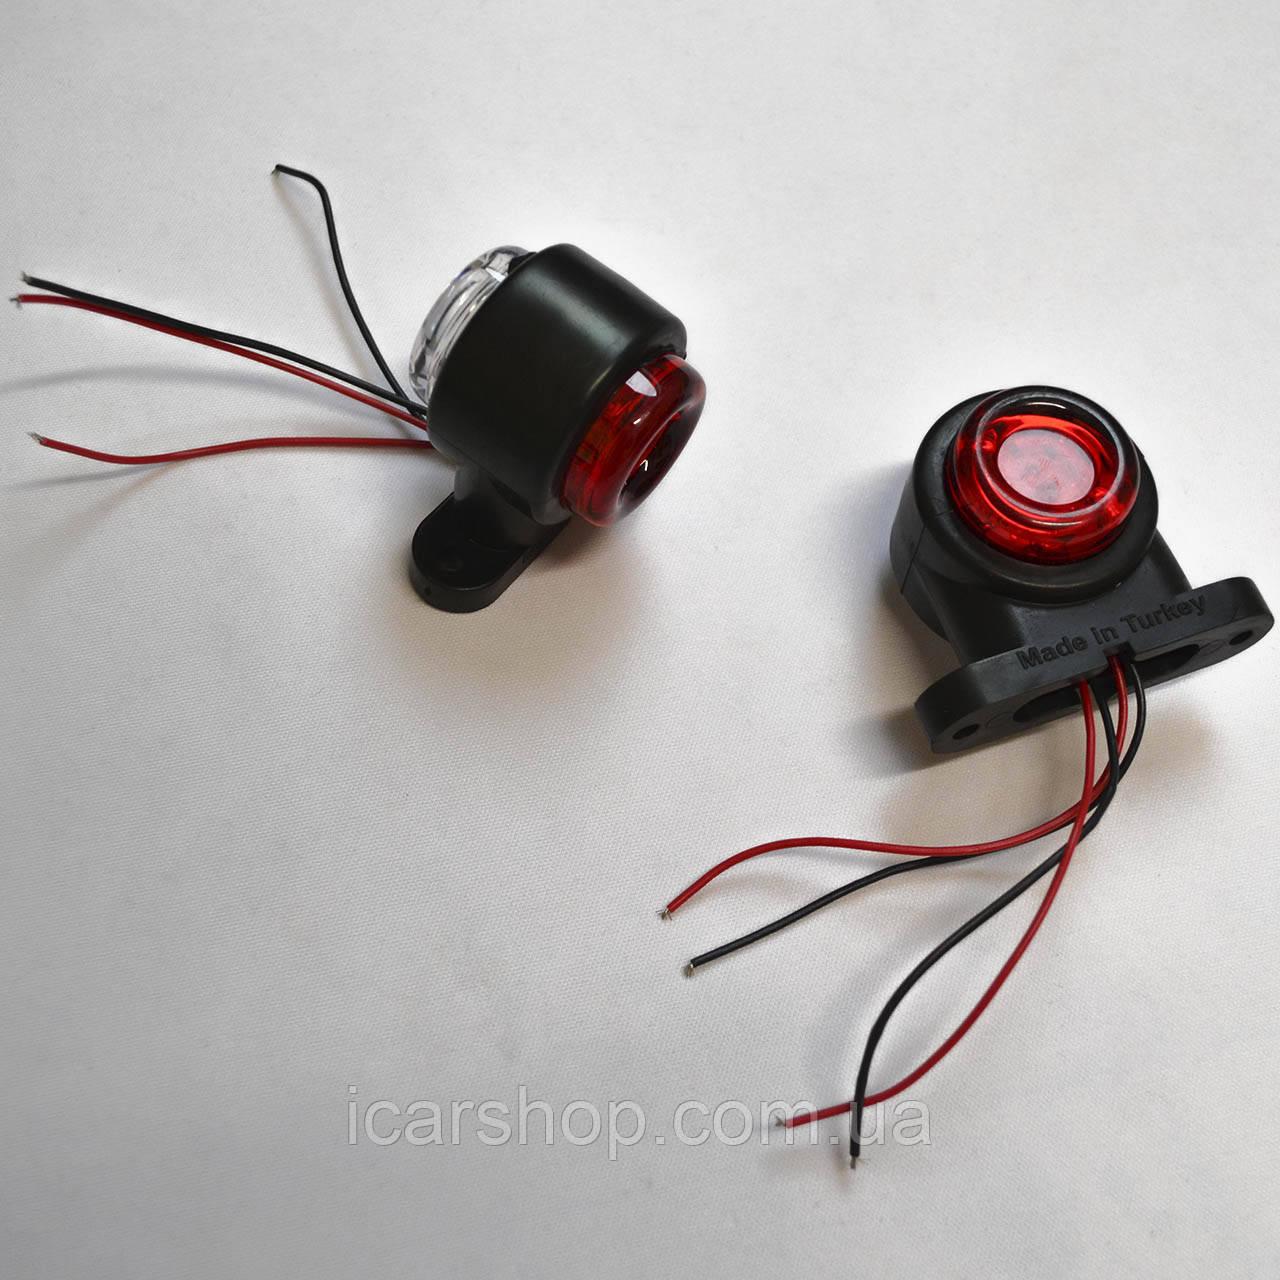 Ліхтар габаритний ріг LED прямой 3 см міні STAR